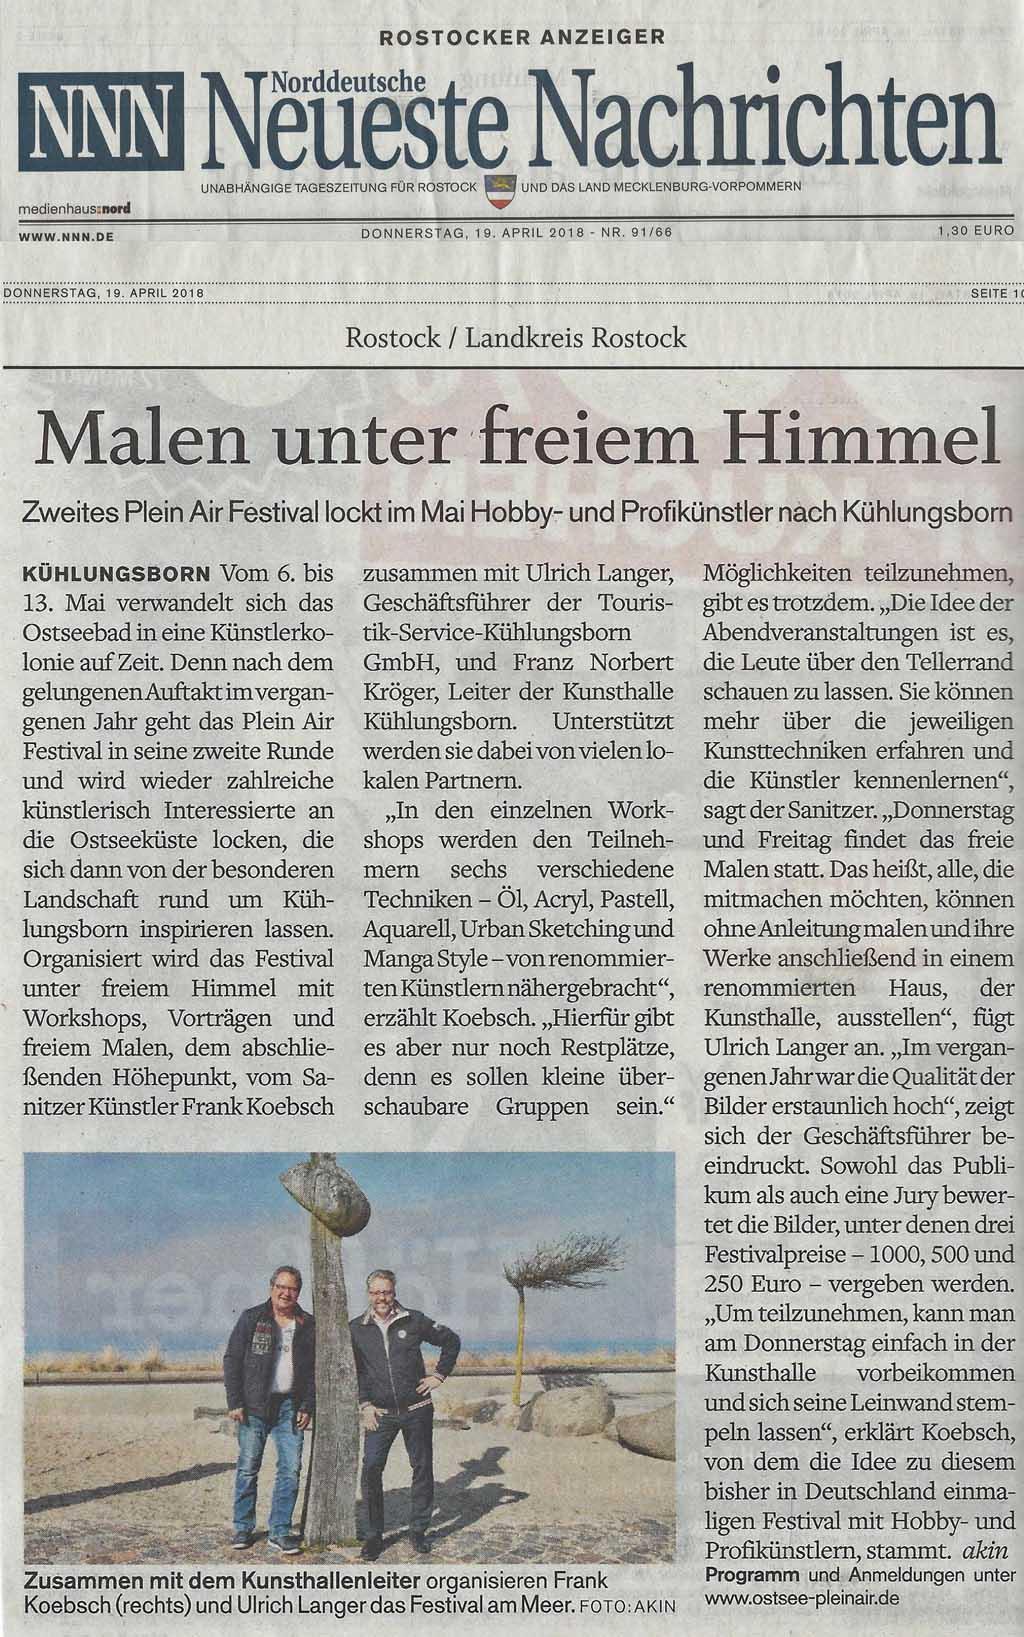 Malen unter freiem Himmel - Zweites Plein Air Festival lockt im Mail Hobby- und Profikünstler nach Kühlungsborn - NNN 2018 04 19